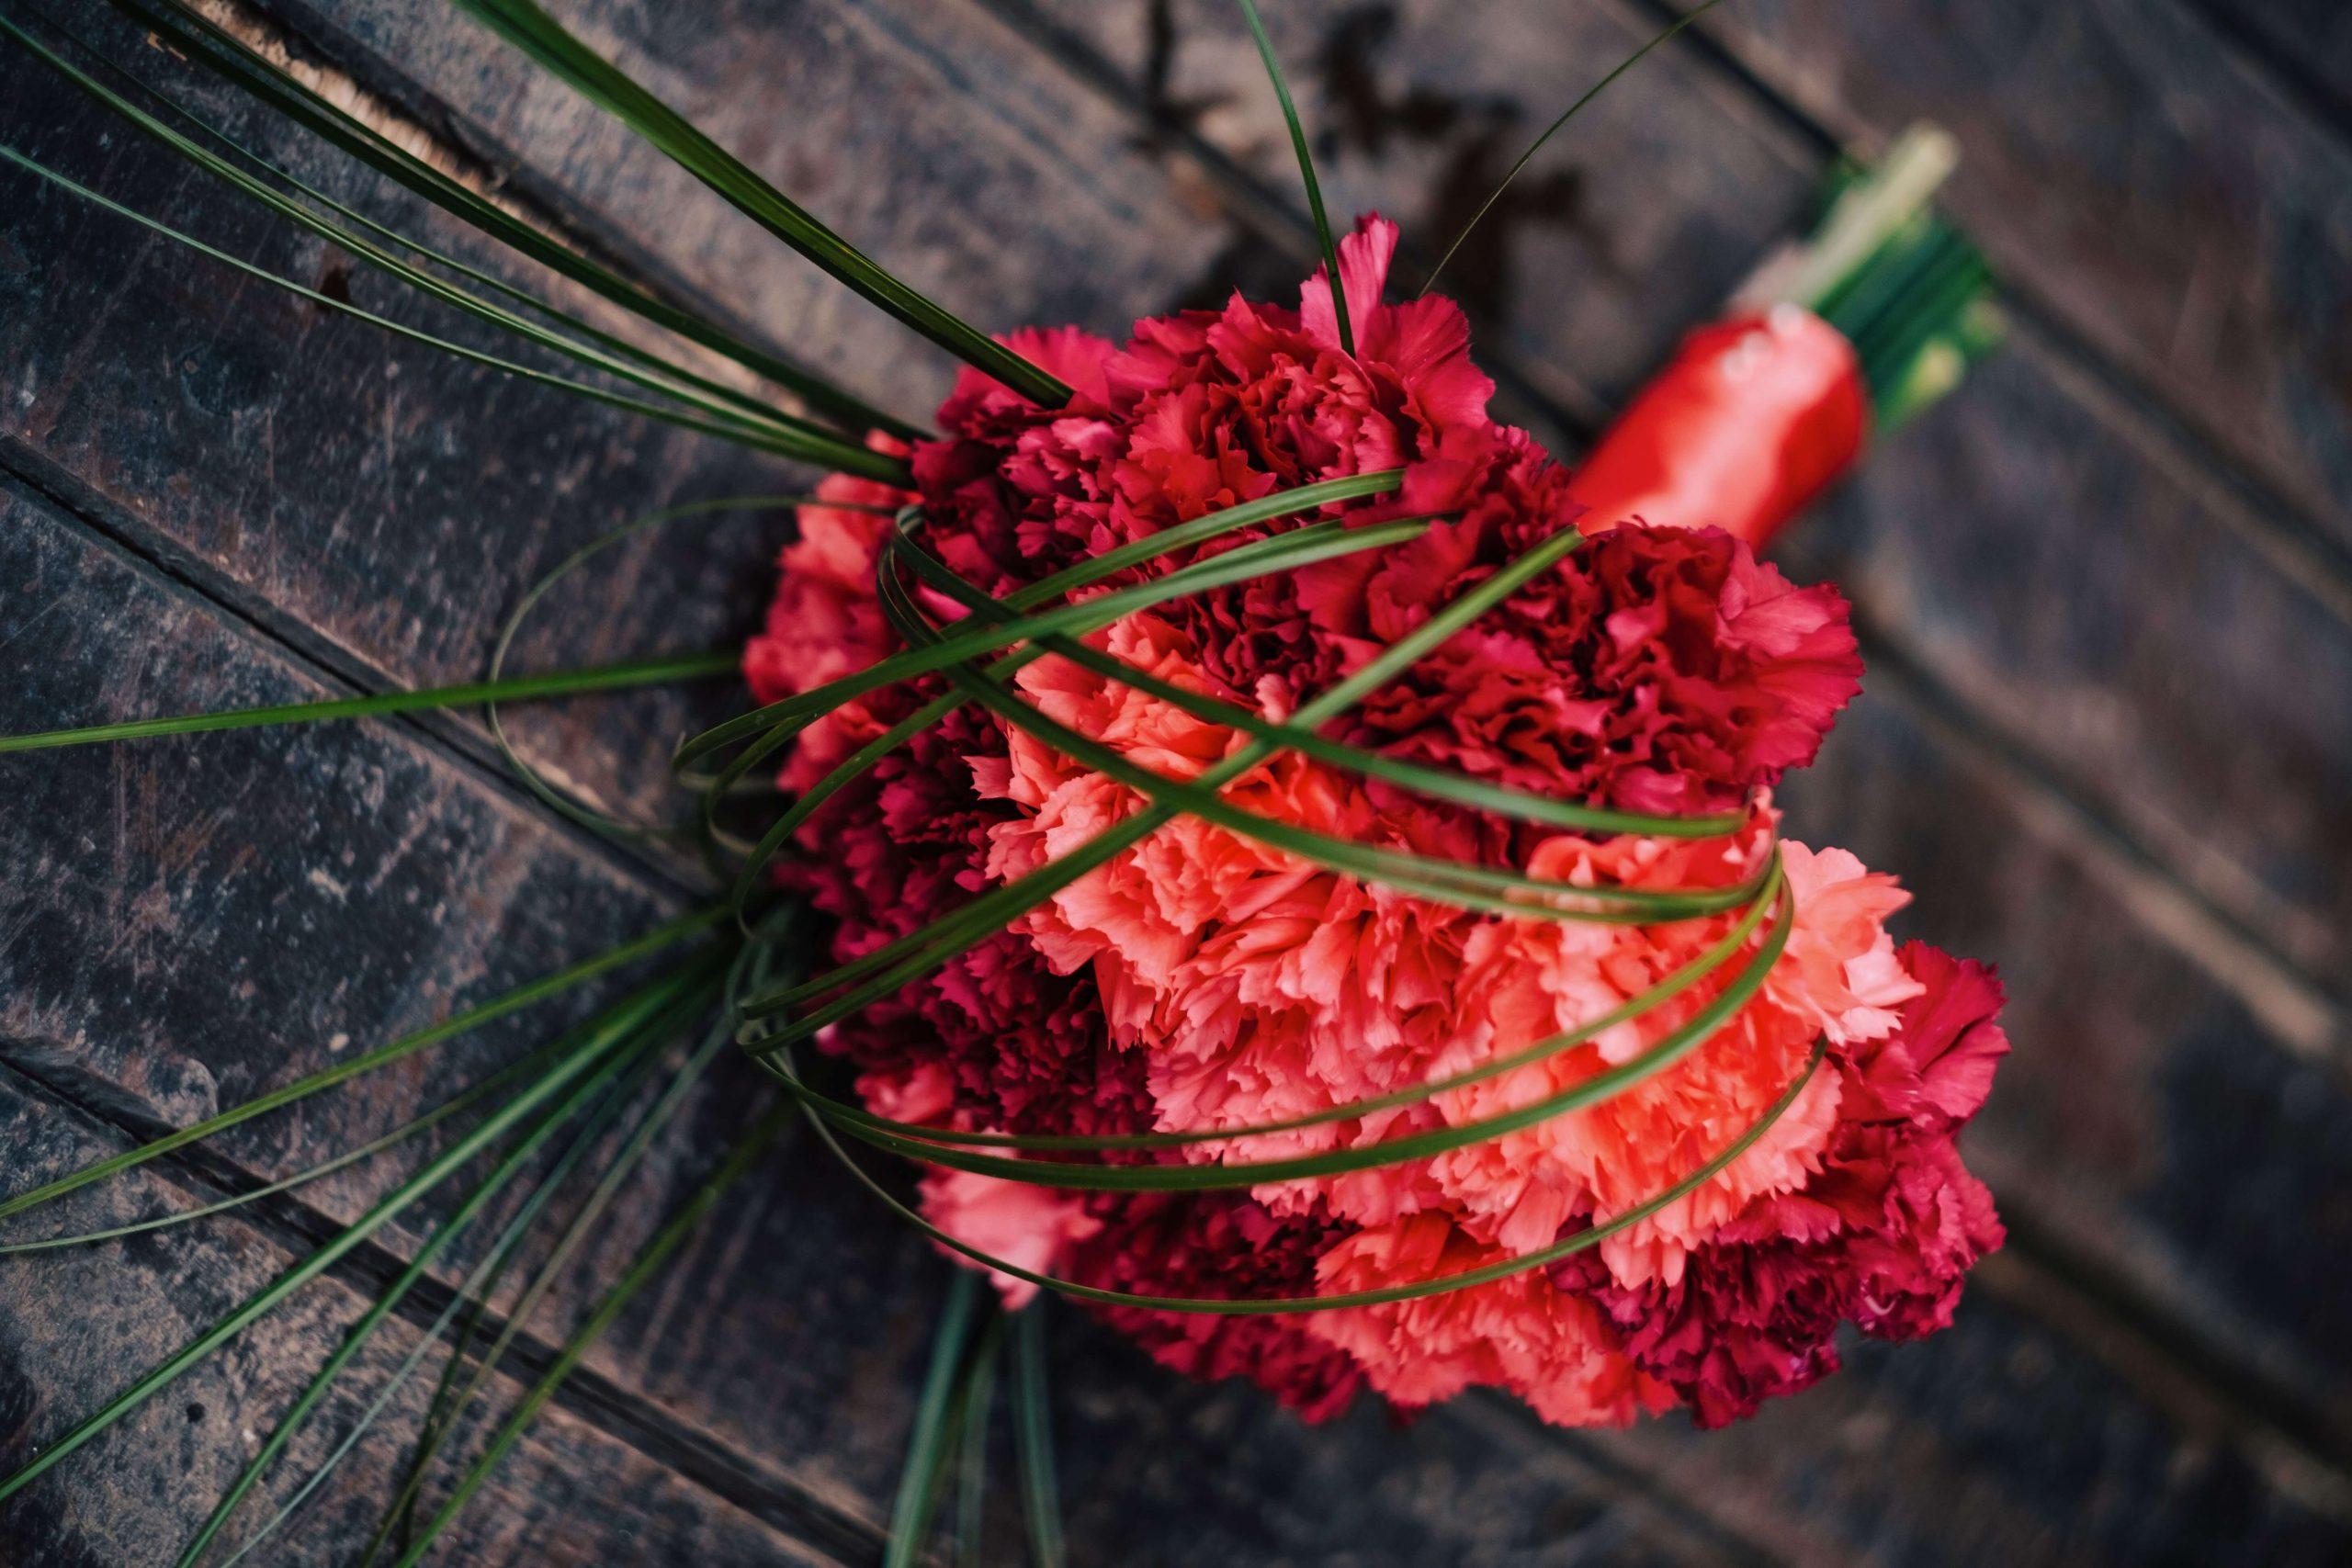 Zlocien3 kwiaciarnia Gdansk scaled - Dzień Kobiet. Gdzie kupimy piękne bukiety?